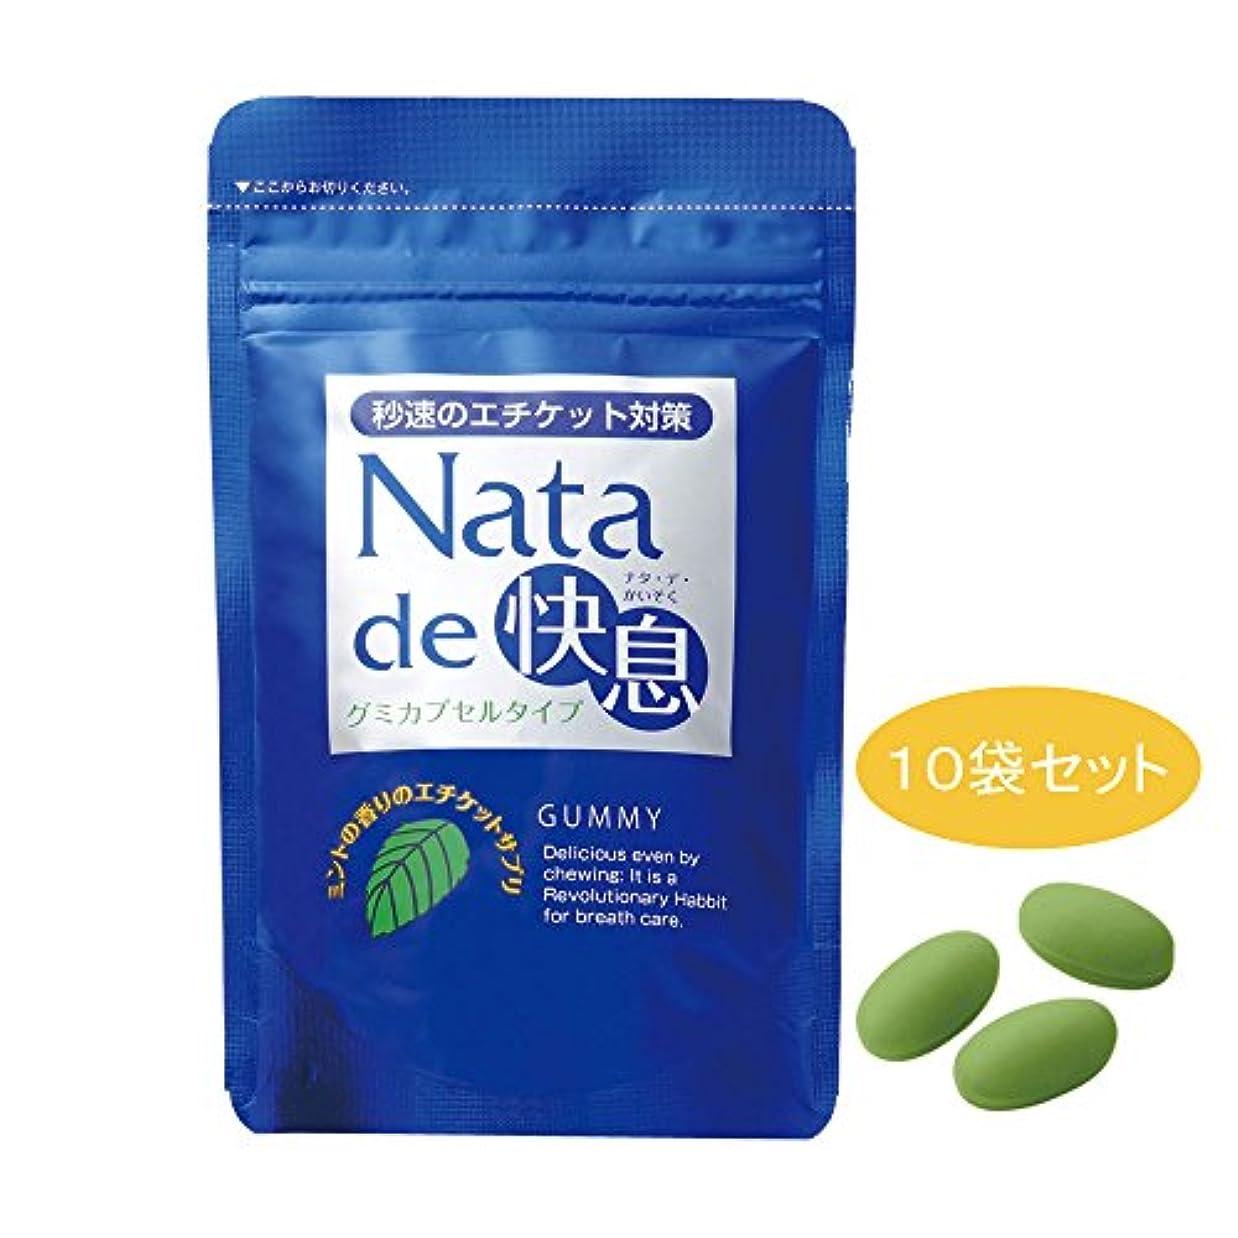 有益マートネブナタデ快息 ミントの香り 10袋セット